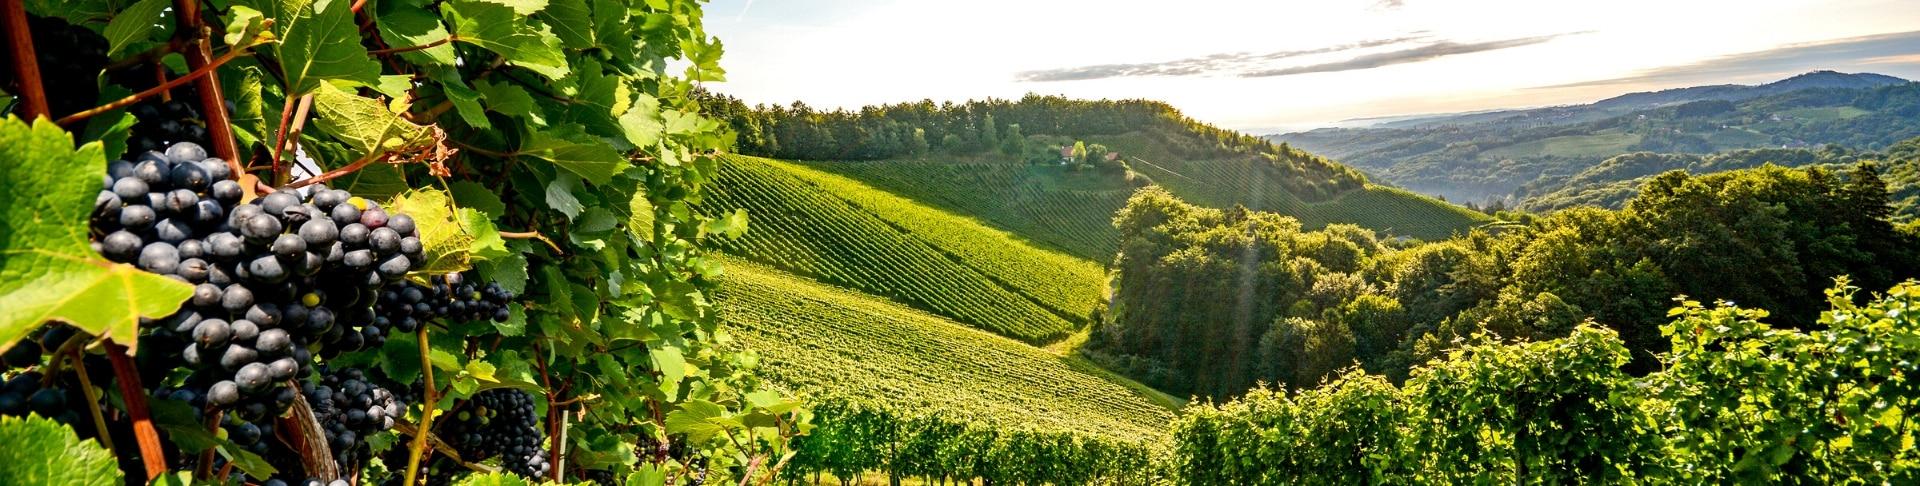 Bourgogne_G